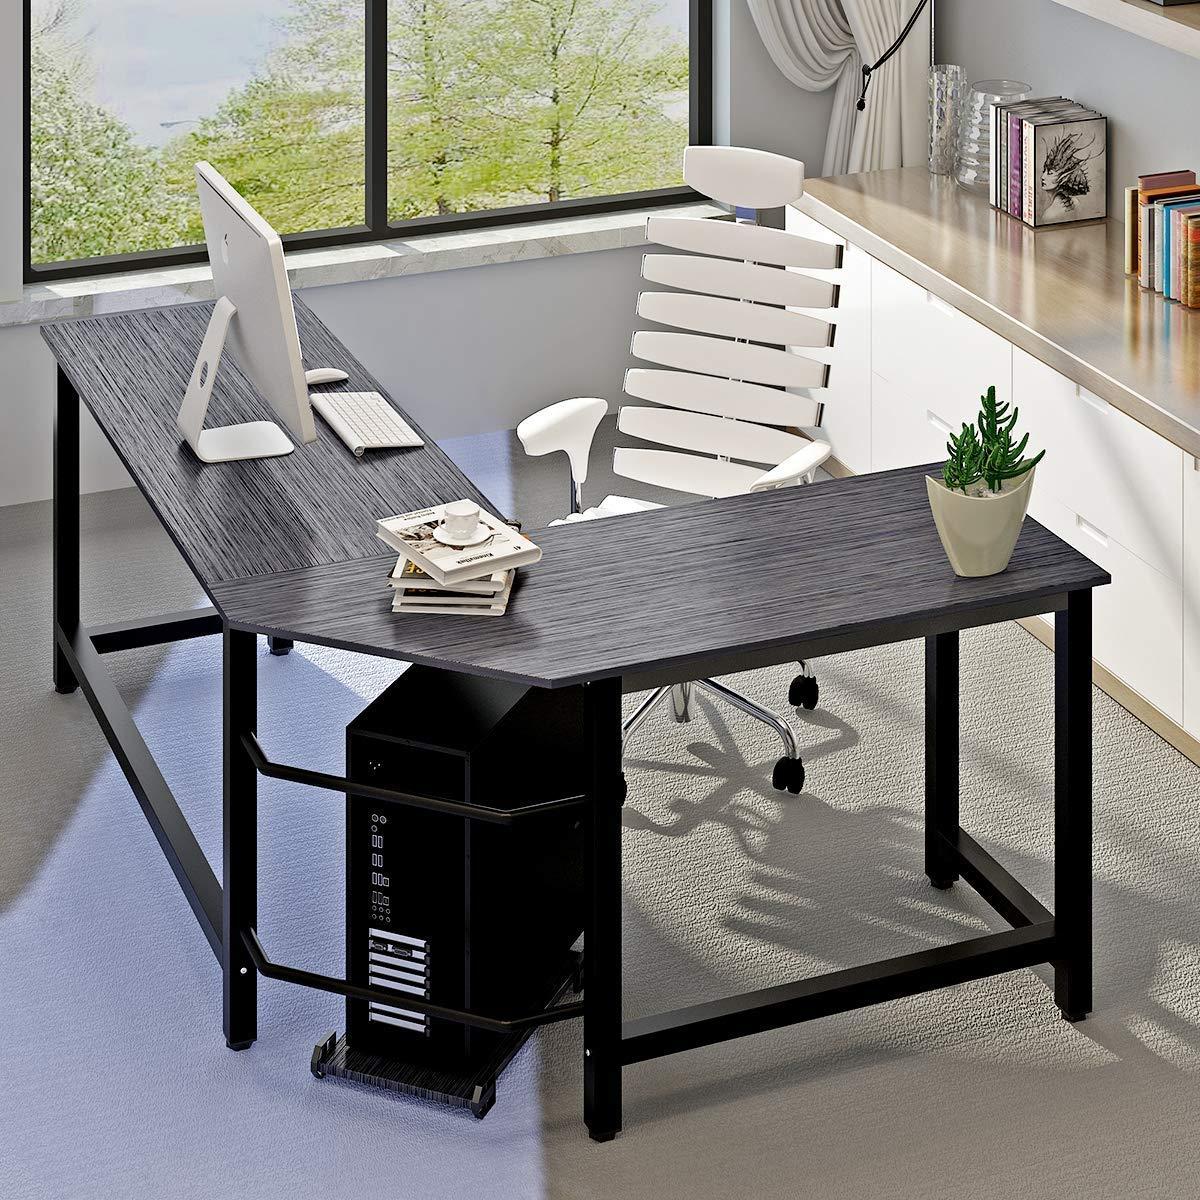 Modern Computer Desk L Shaped Corner Desk Home Office Desks,More Stable Structure,Design by Ulikit